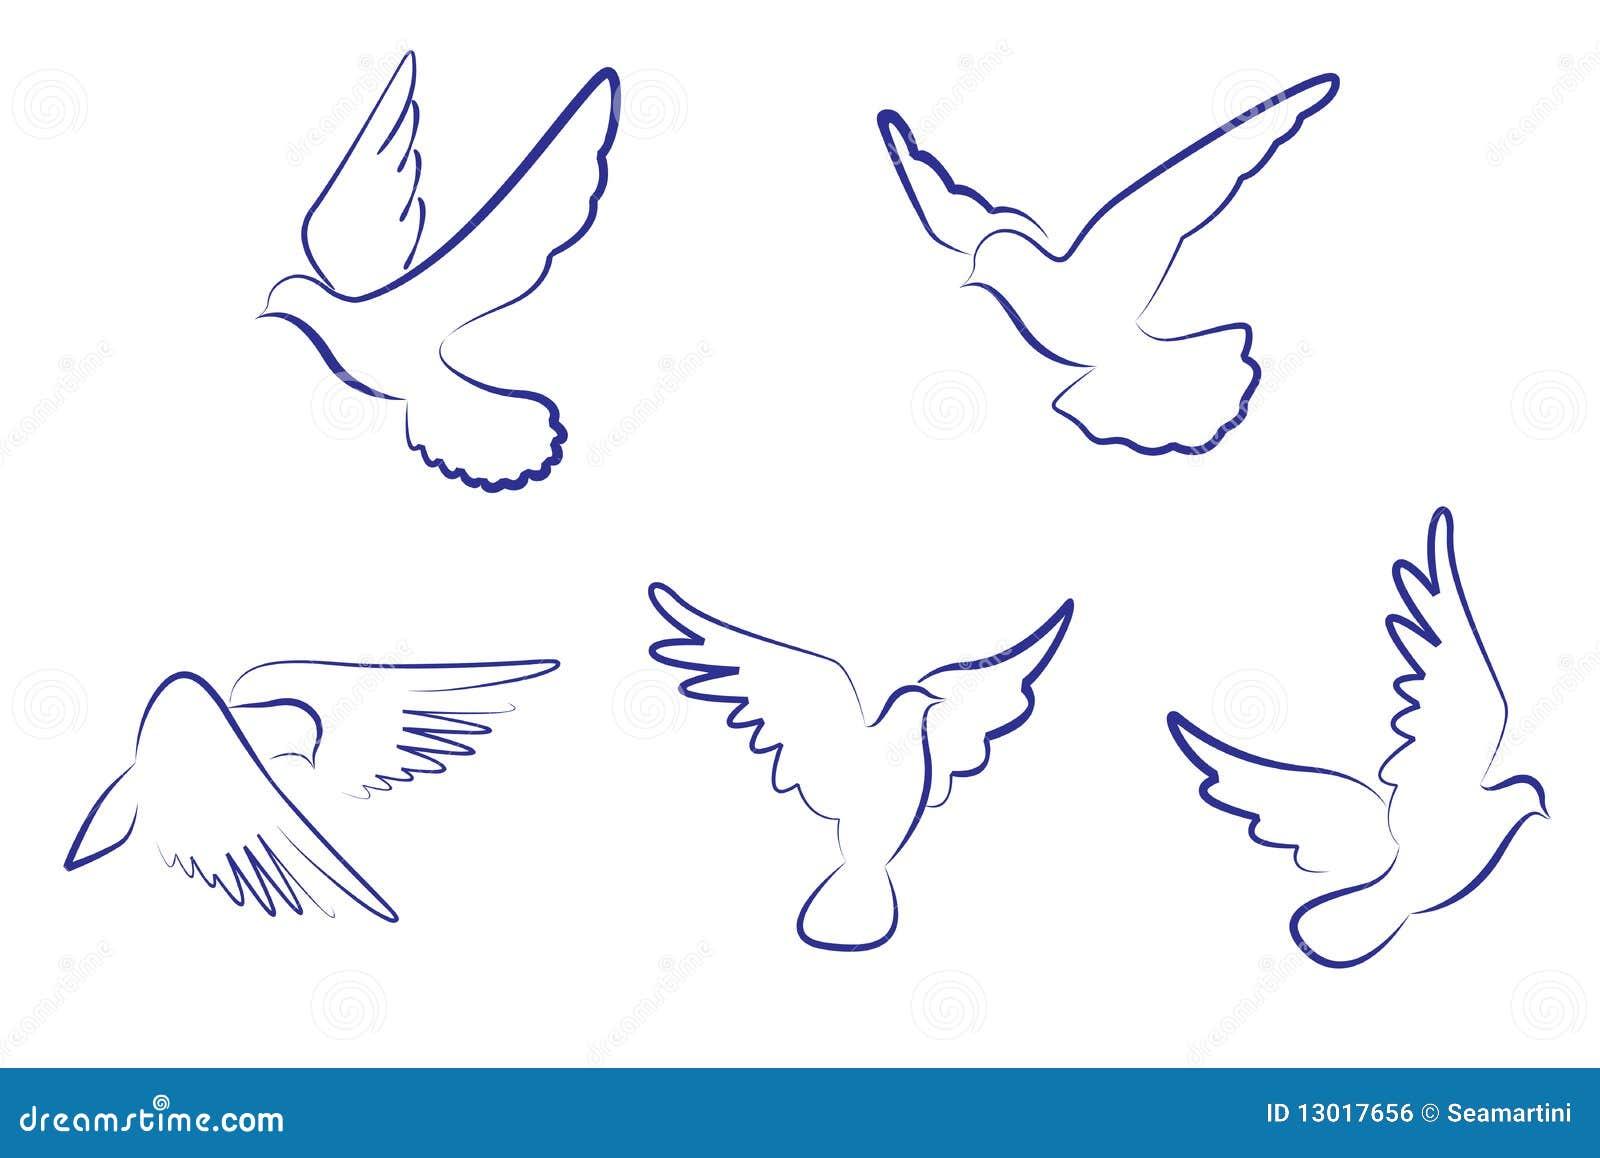 Colombe Bianche Illustrazione Vettoriale Illustrazione Di